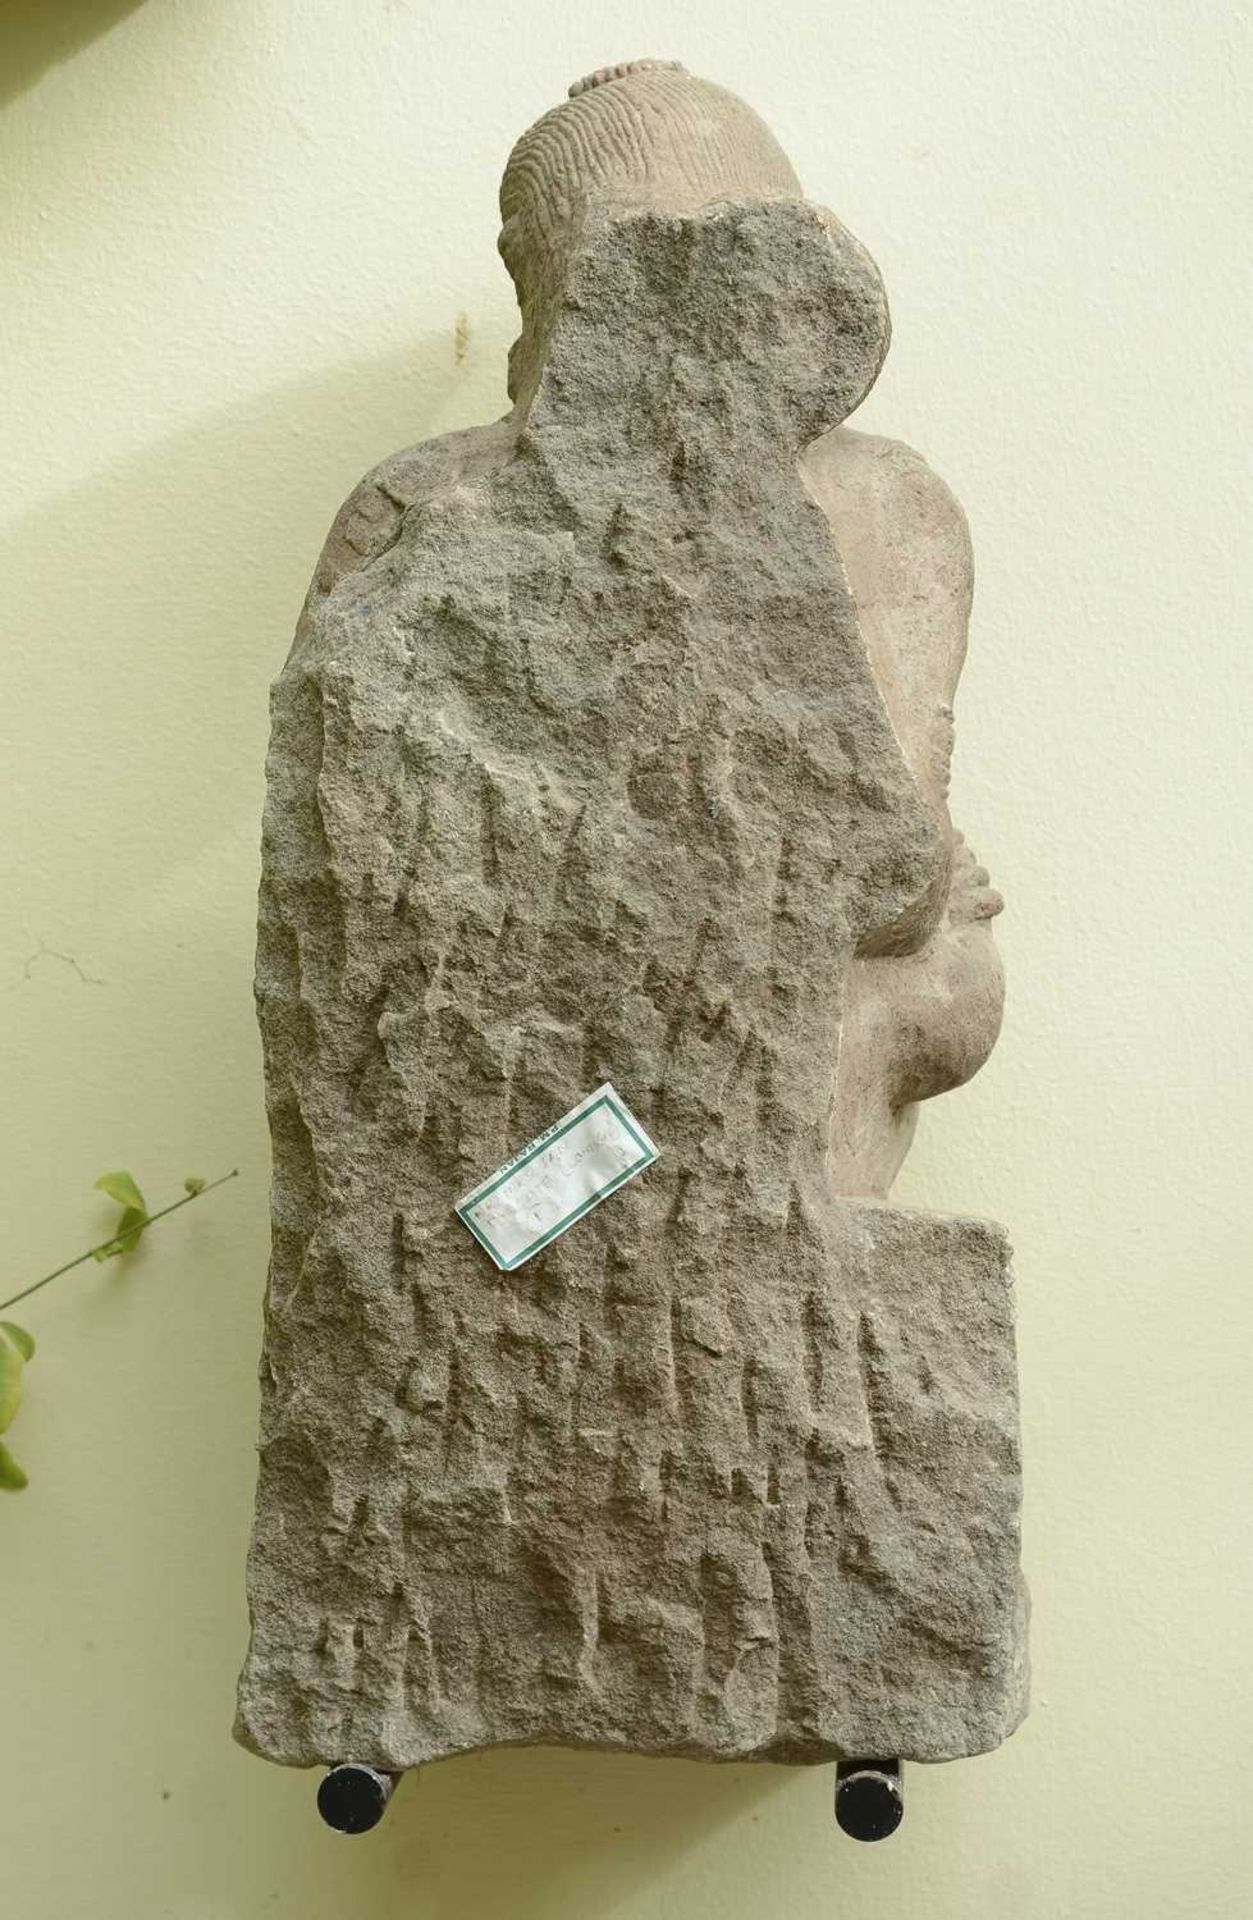 A carved sandstone figure of a dancer, - Image 2 of 2